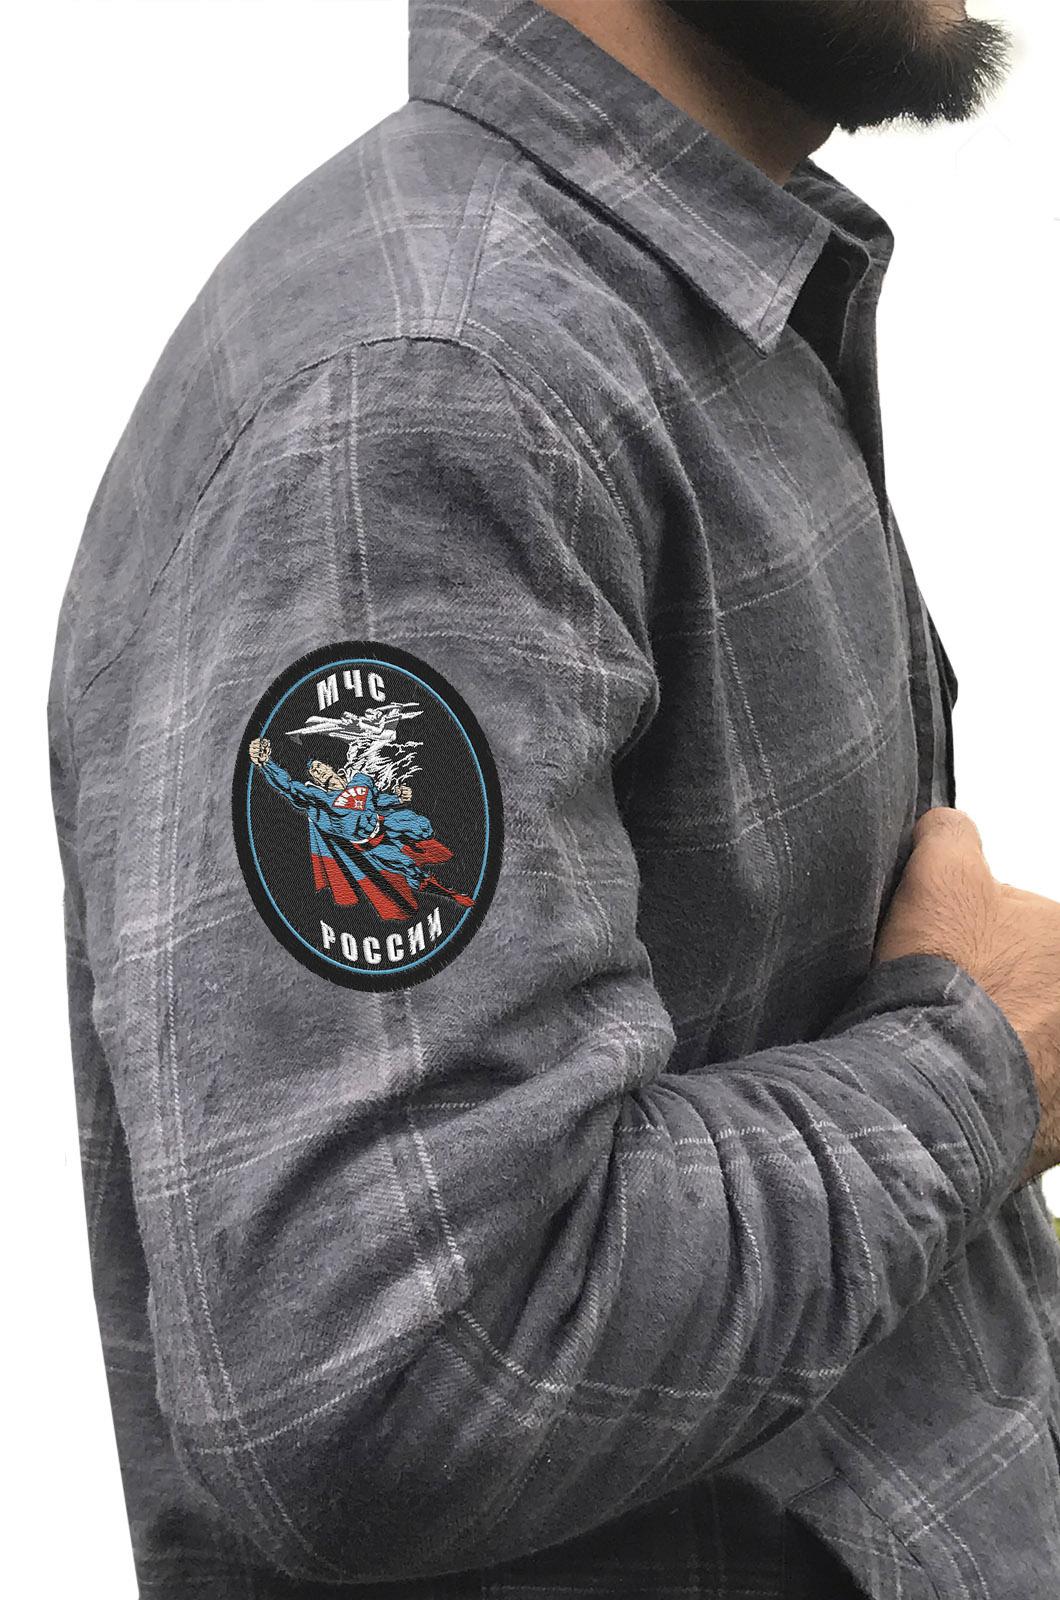 Практичная мужская рубашка с вышитым шевроном МЧС России - купить в Военпро